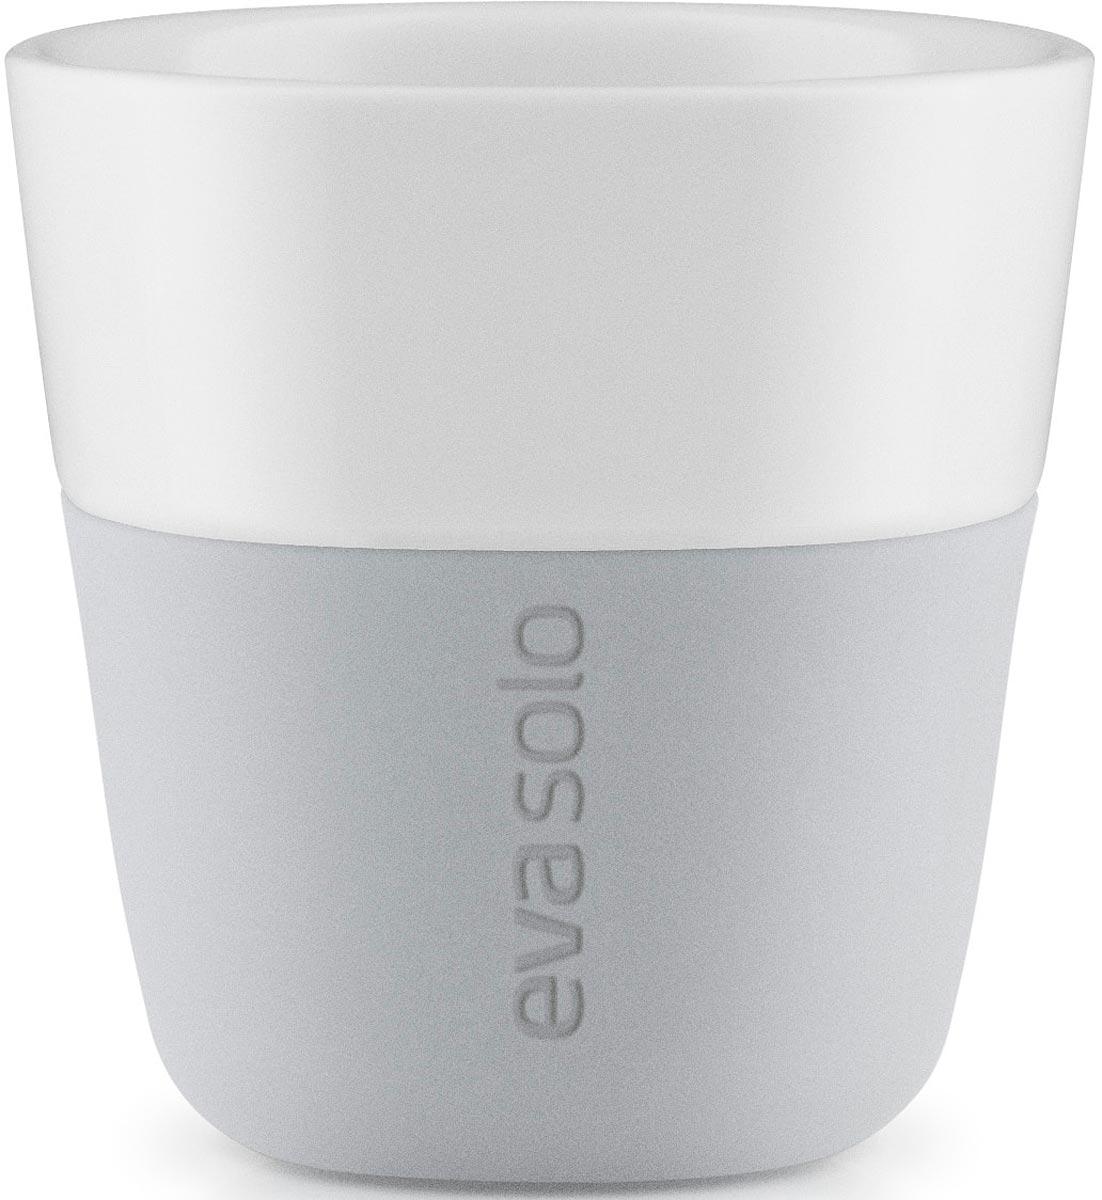 Фото - Чашка кофейная Eva Solo, цвет: серый, 80 мл, 2 шт [супермаркет] jingdong геб scybe фил приблизительно круглая чашка установлена в вертикальном положении стеклянной чашки 290мла 6 z